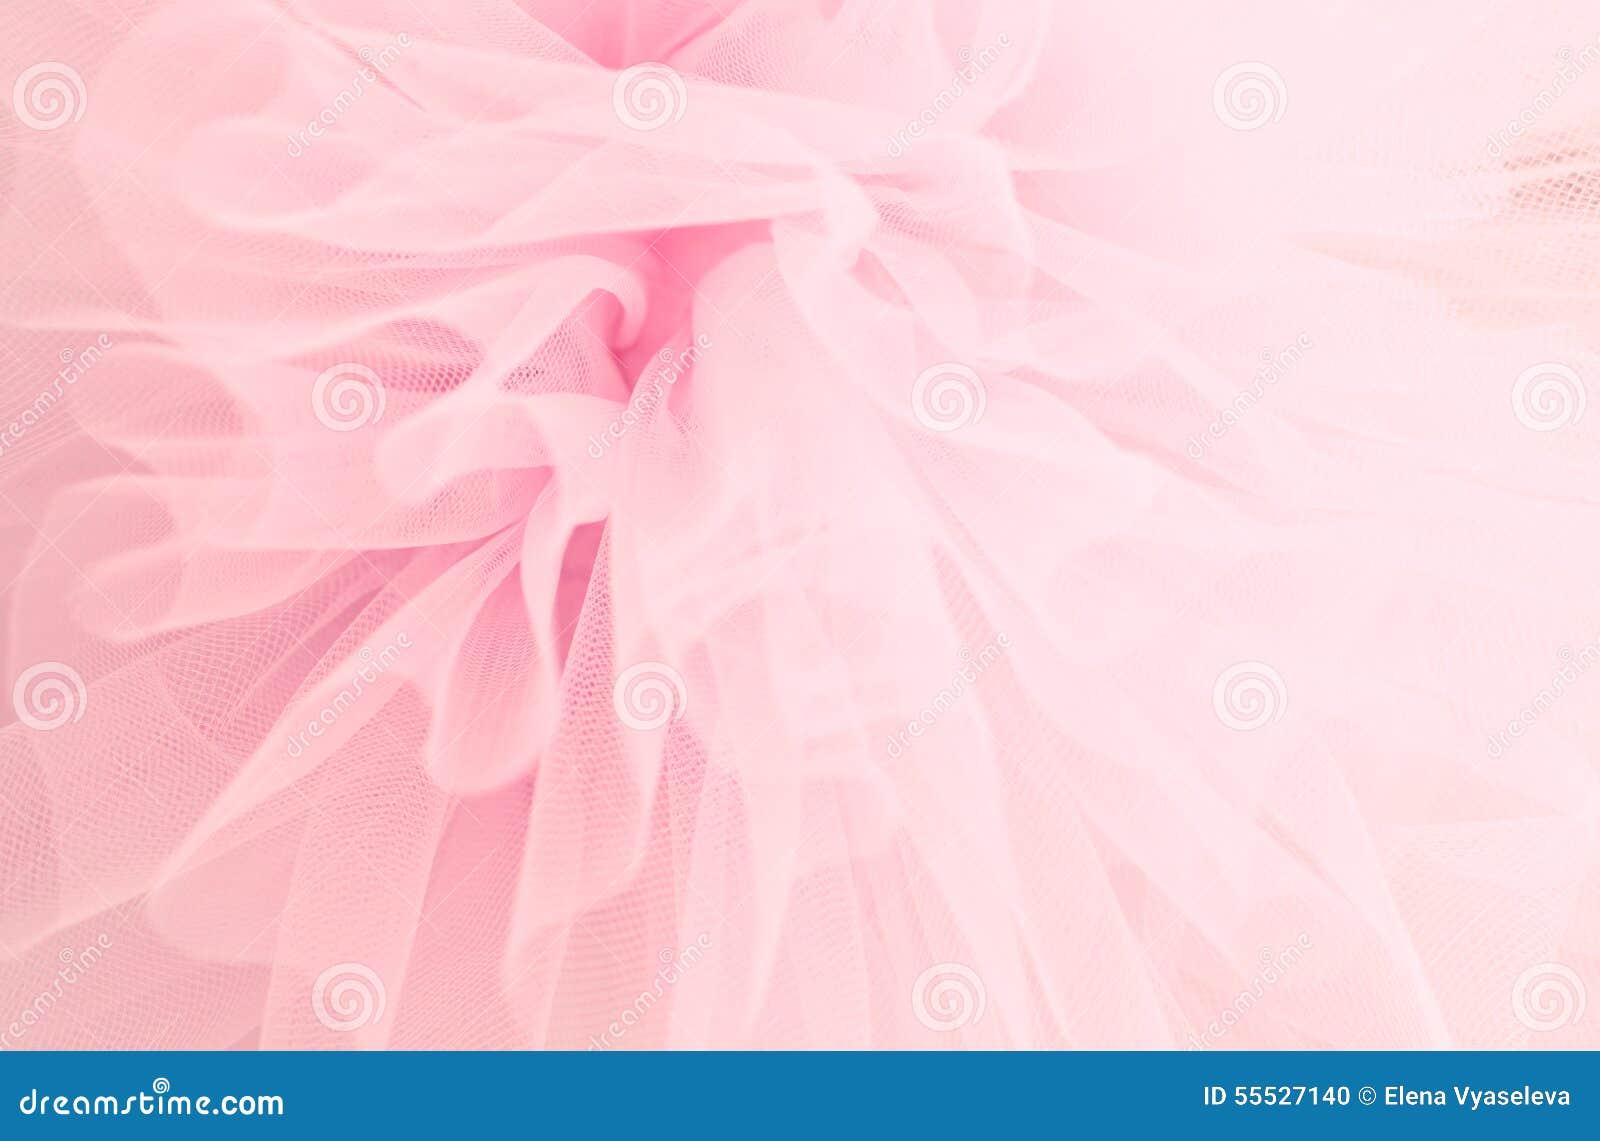 Tela macia do fundo cor-de-rosa delicado bonito